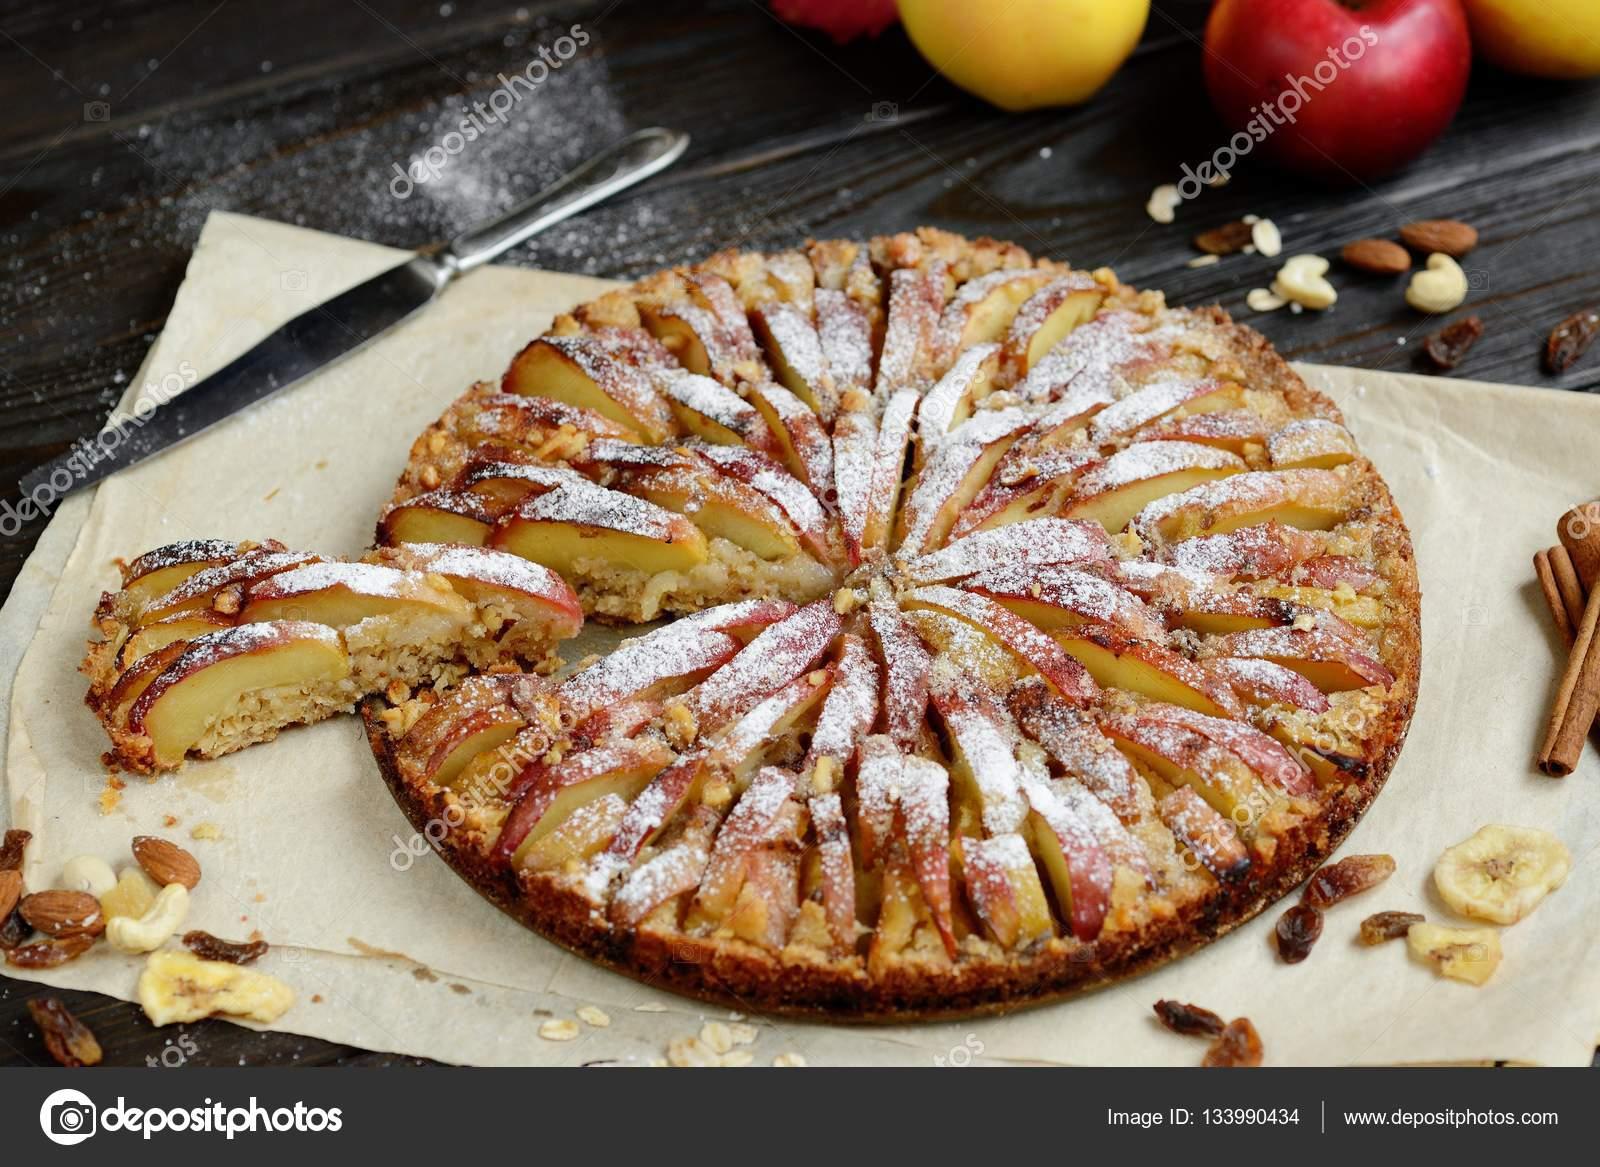 Susse Traditionelle Hausgemachte Deutsche Apfelkuchen Kuchen Mit